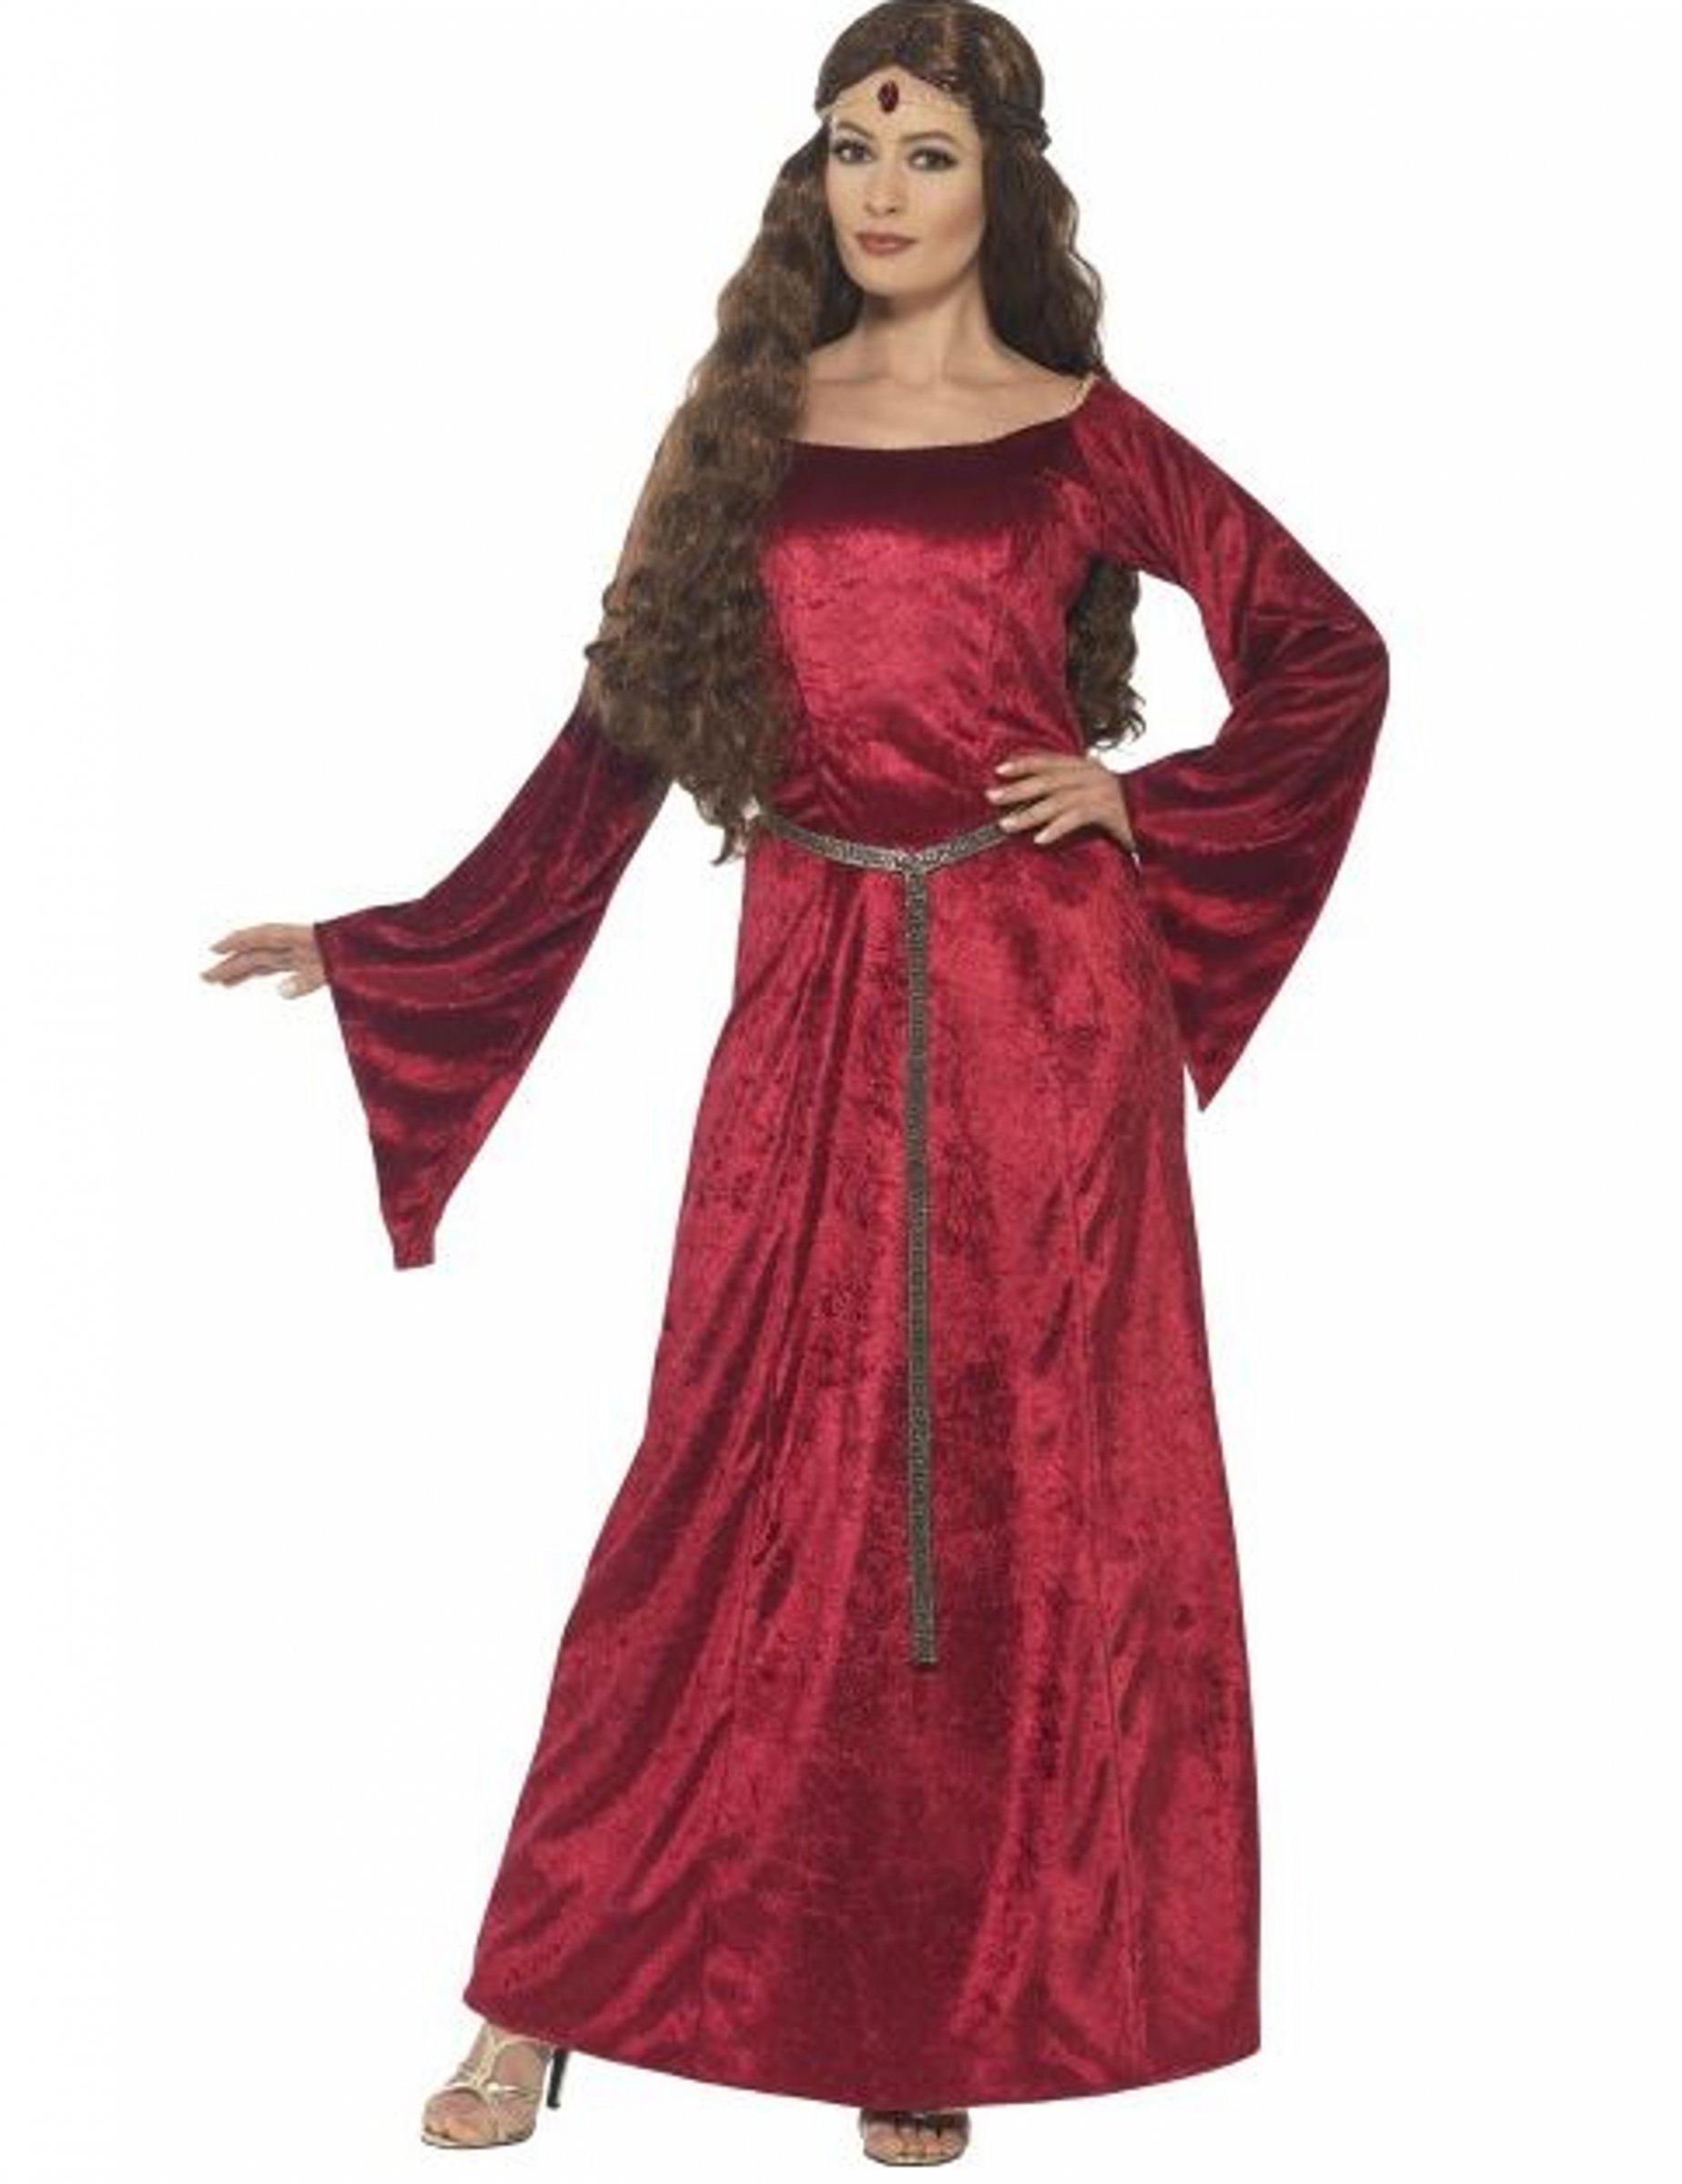 2346f0dd7b3 Déguisement reine médiévale rouge femme   Deguise-toi